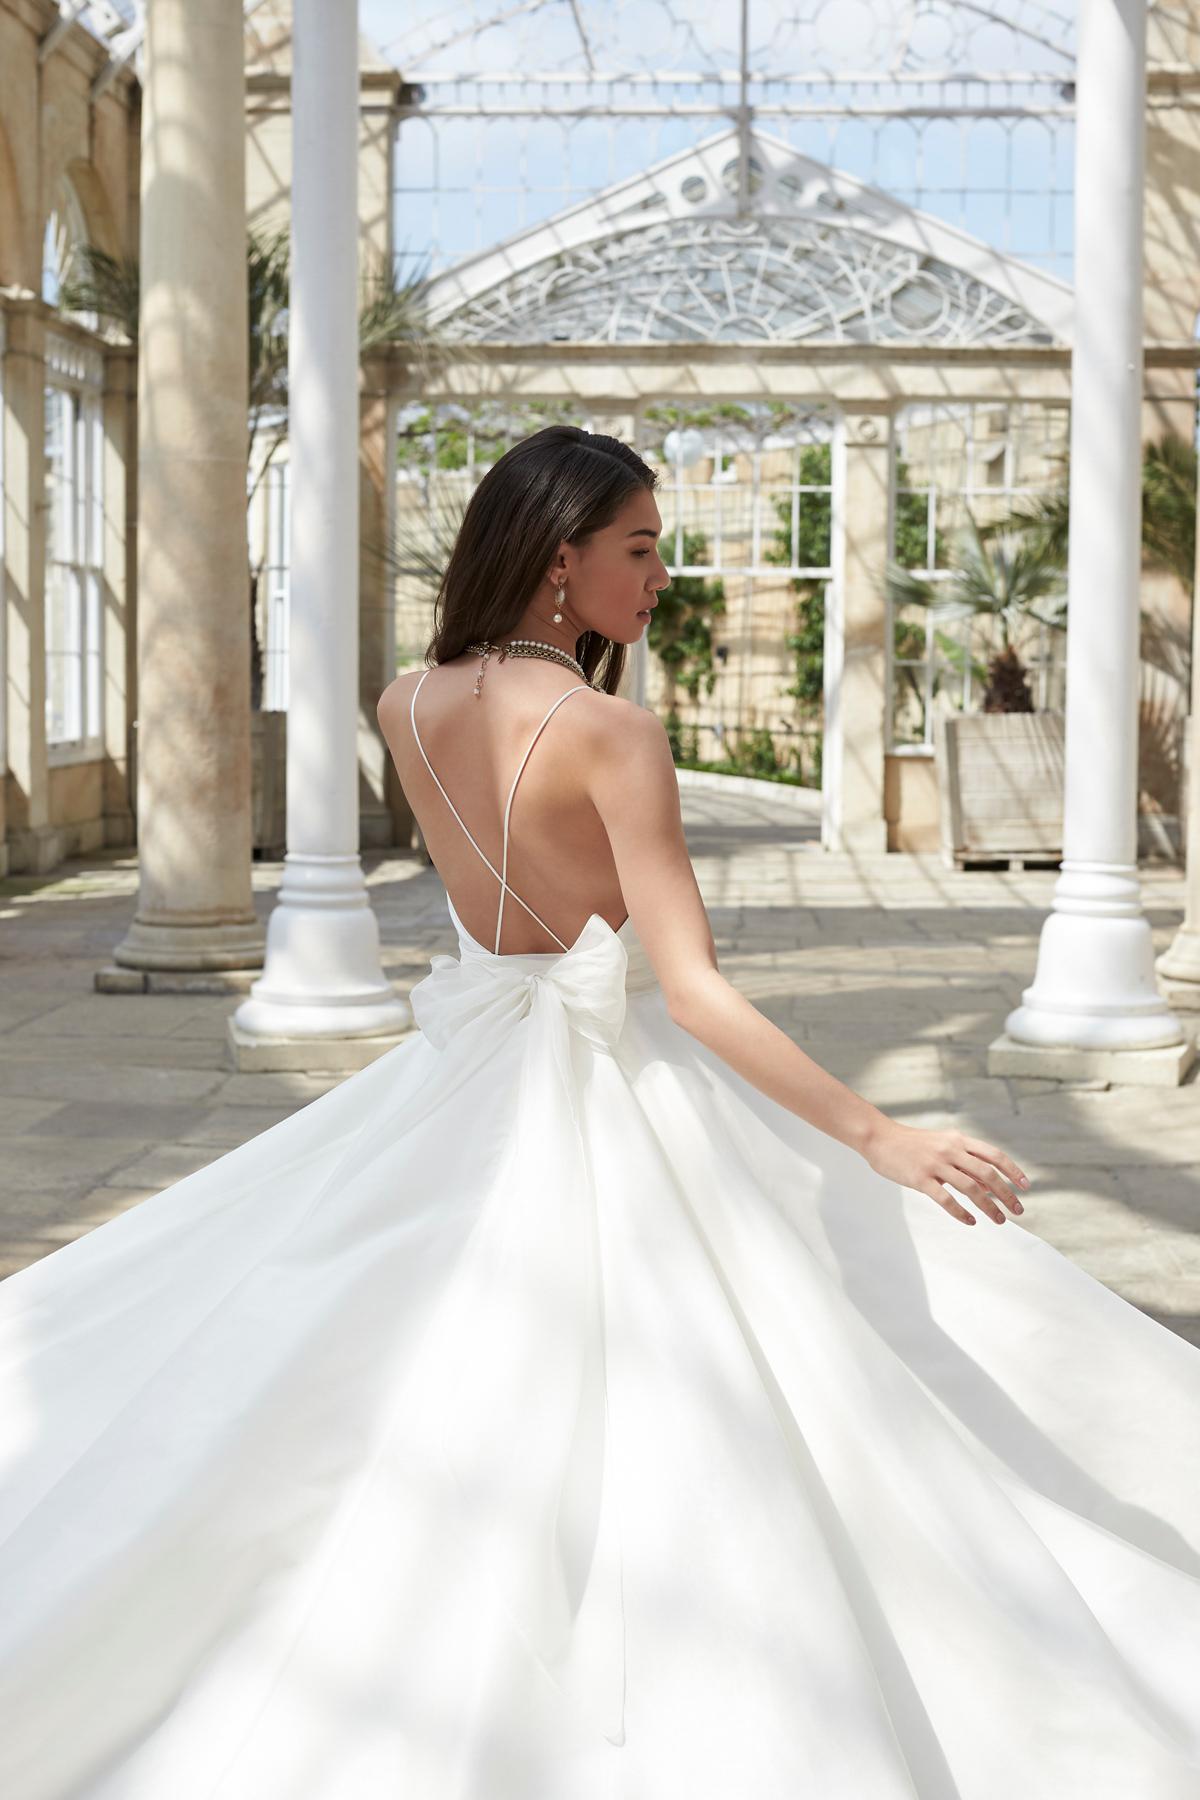 Wpid Si Holford Twenty Twenty17 Fierce Fashion Forward Wedding Dresses